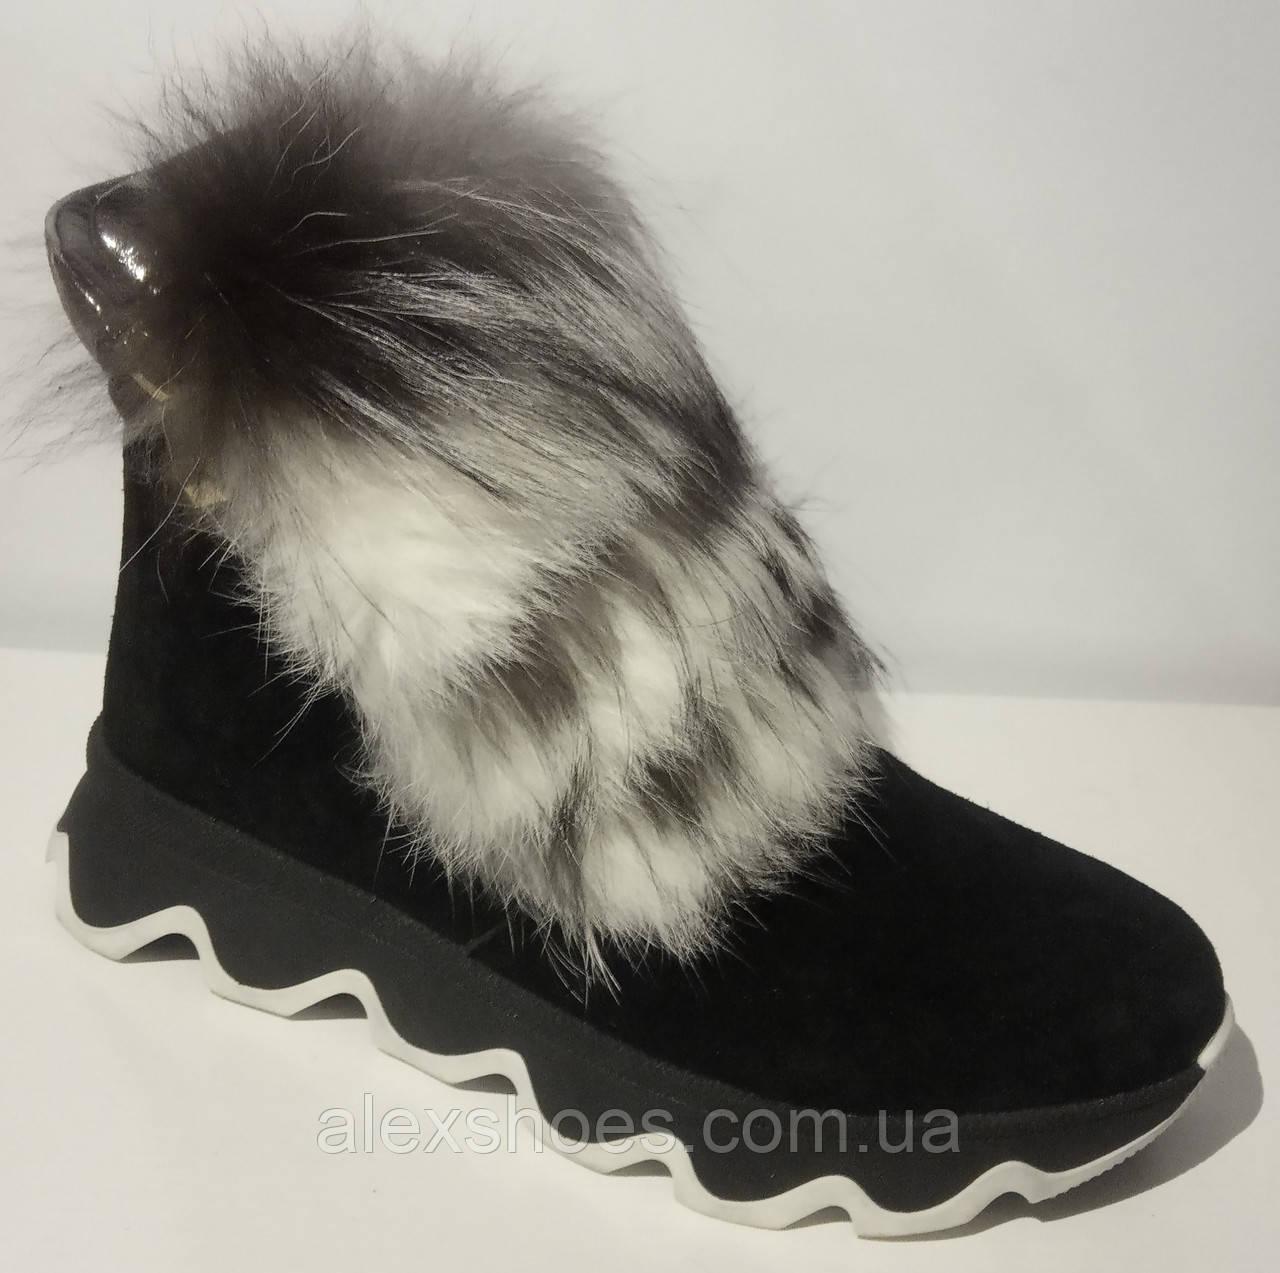 Ботинки женские зимние замшевые с натуральным мехом от производителя модель ЛУ433-4